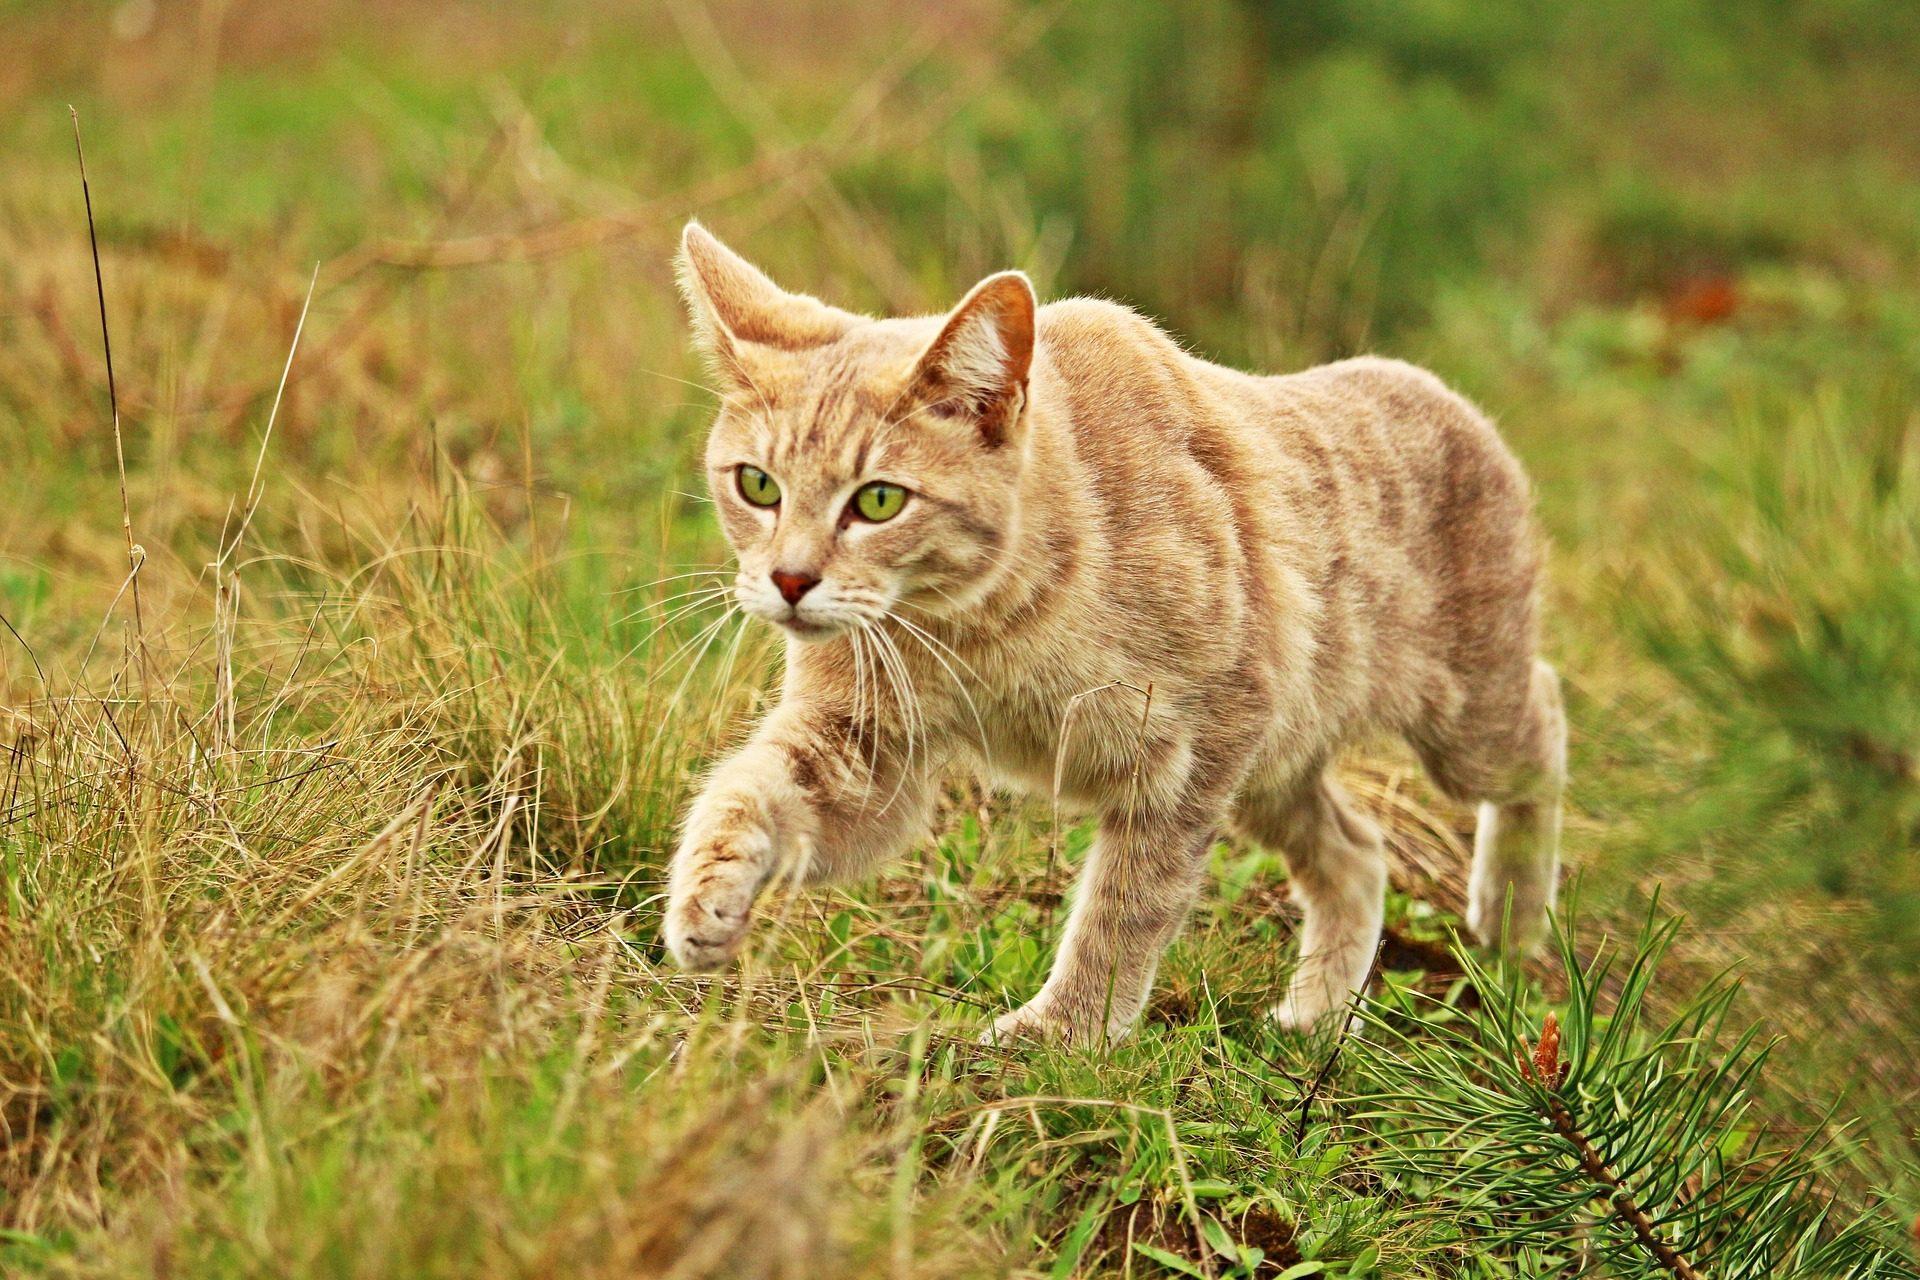 γάτα, αιλουροειδών, πεδίο, γούνα, Κοίτα - Wallpapers HD - Professor-falken.com